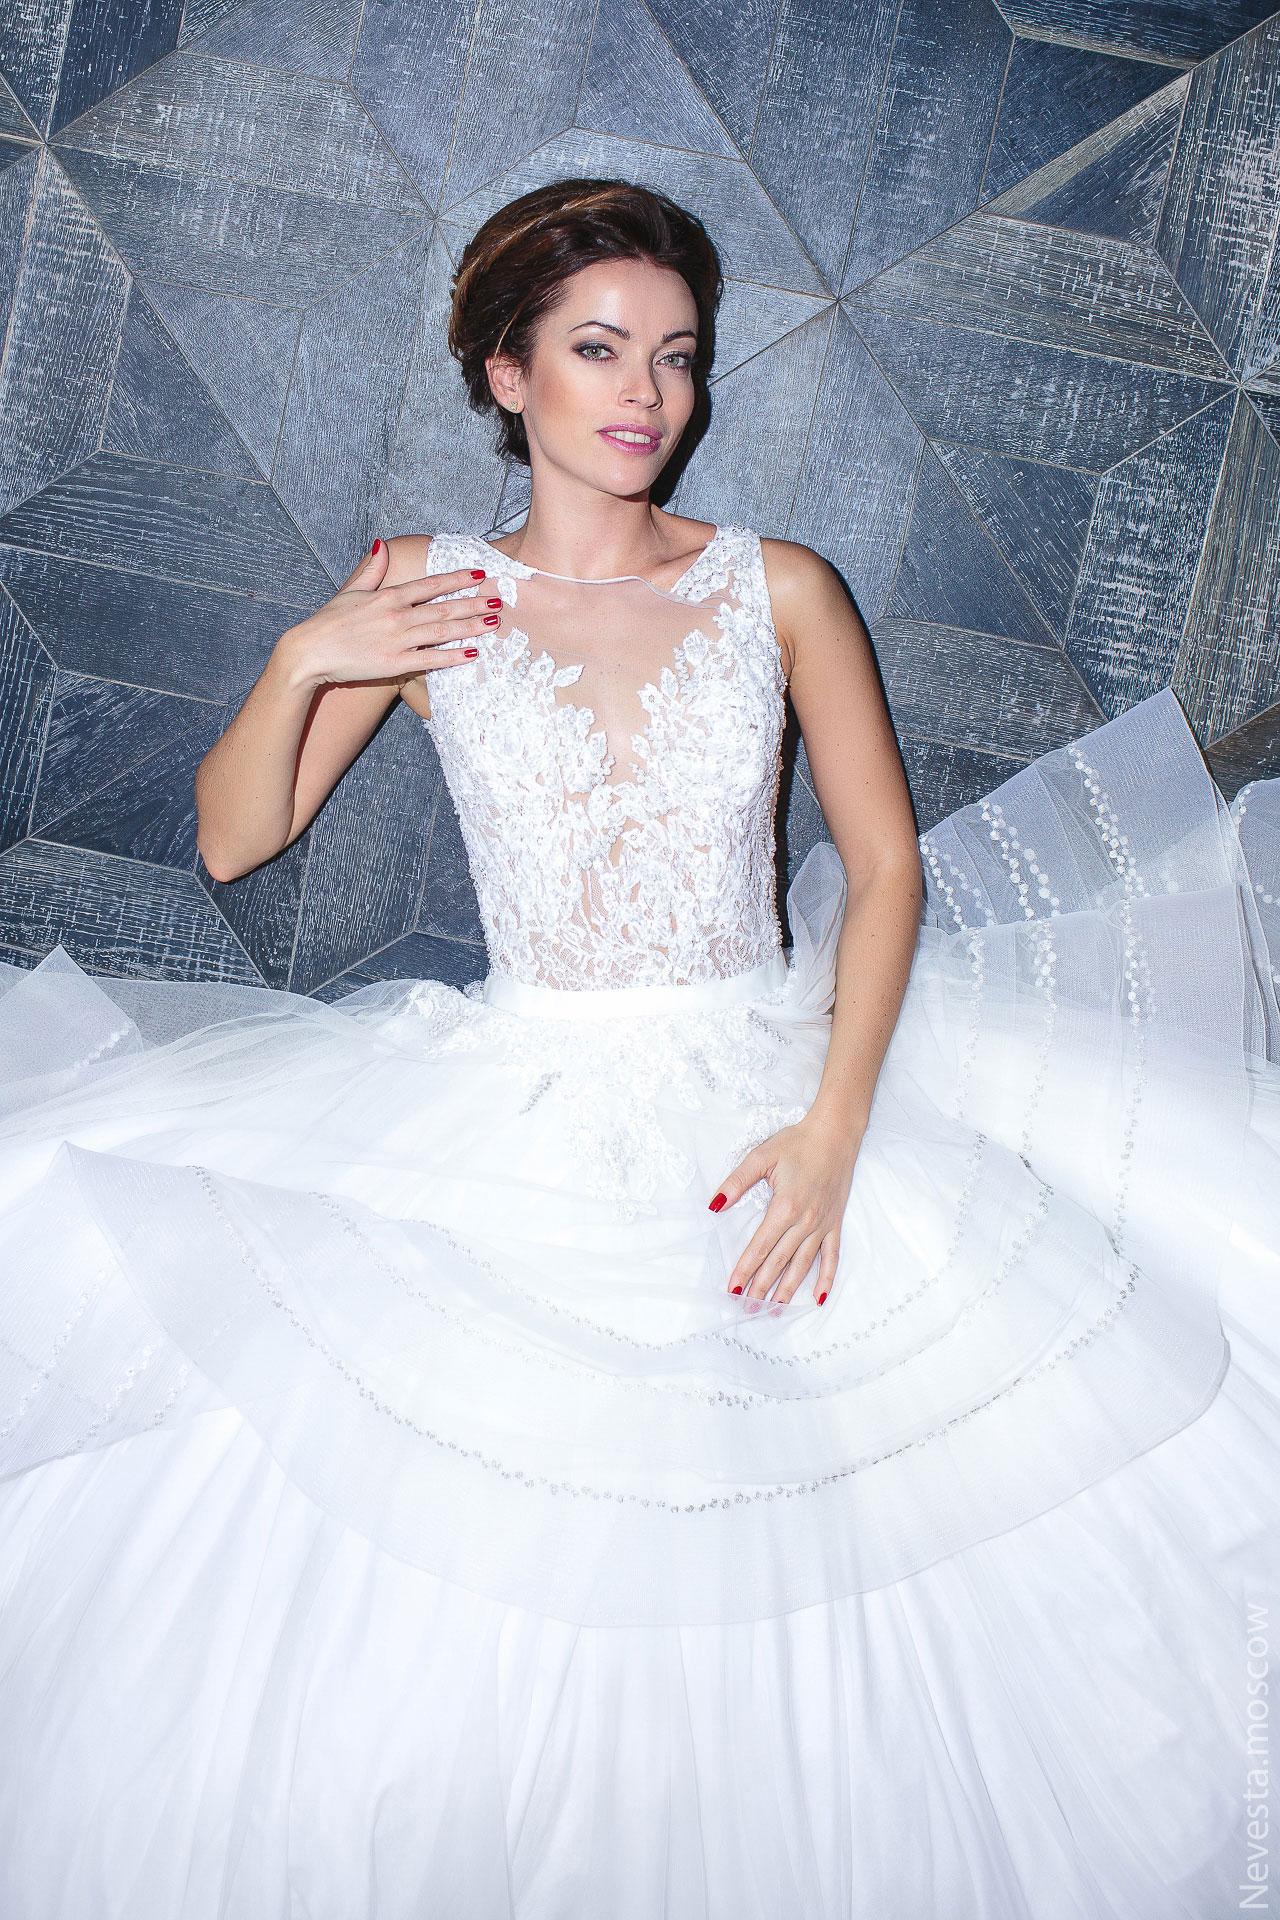 Актриса Ольга Зайцева примеряет образ для свадьбы в Альпах фото 5